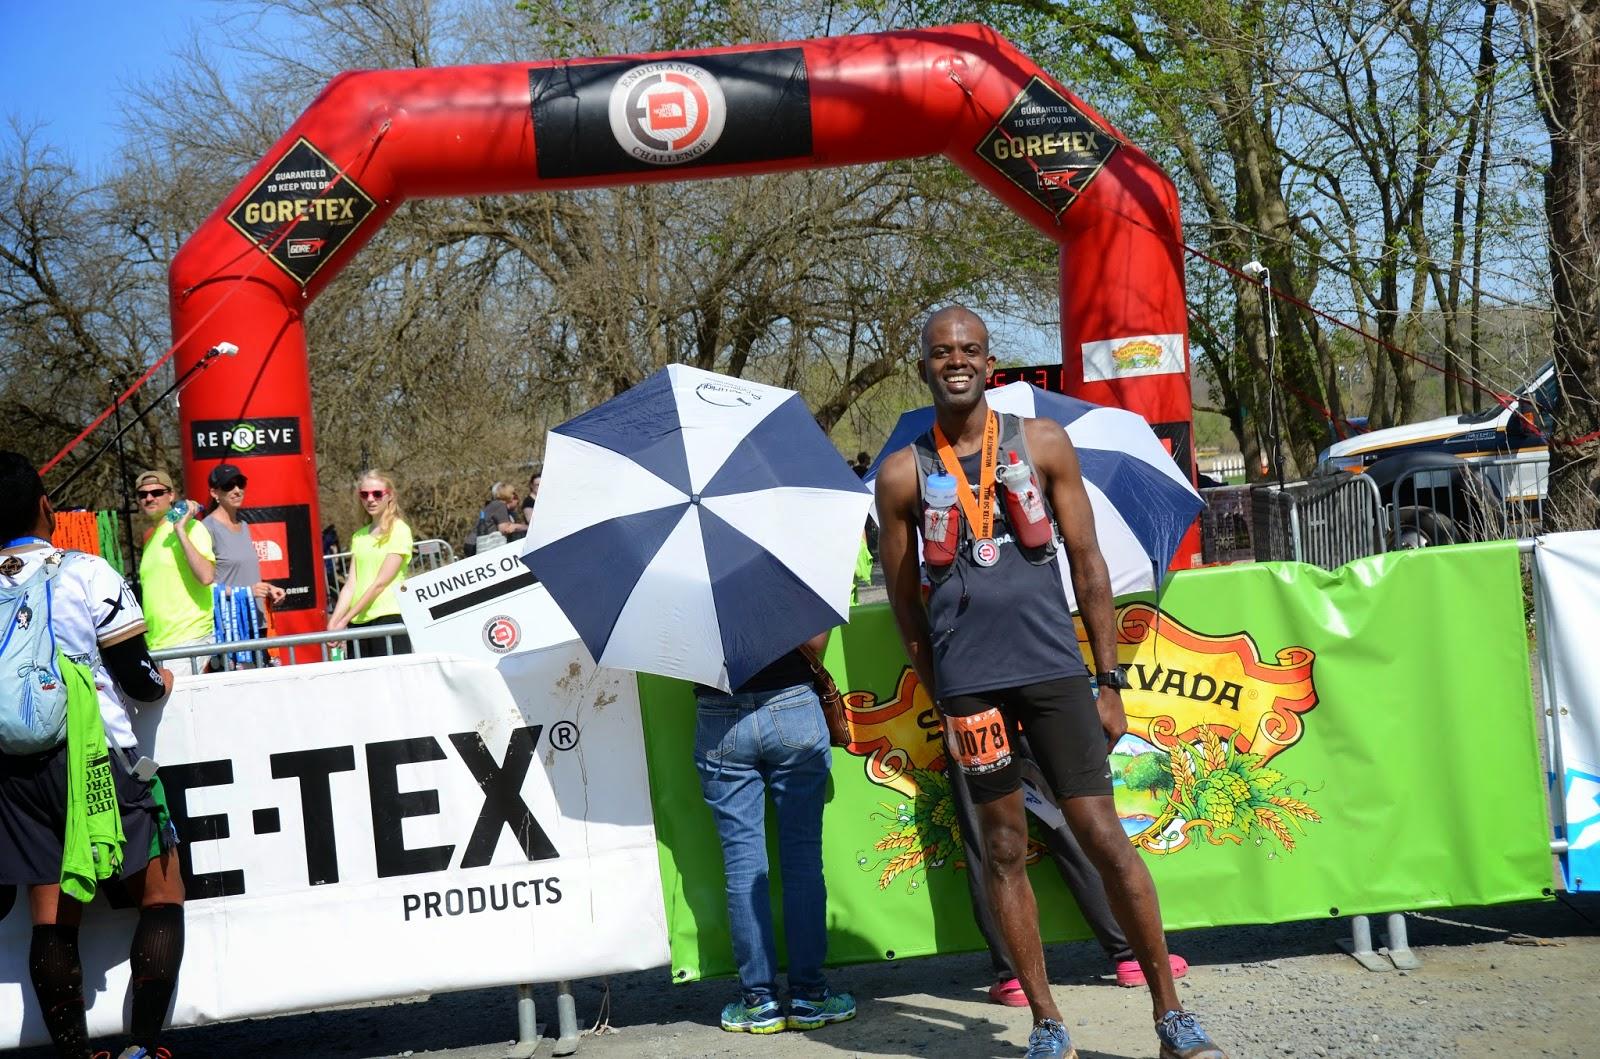 North Face Endurance Challenge 50 miler